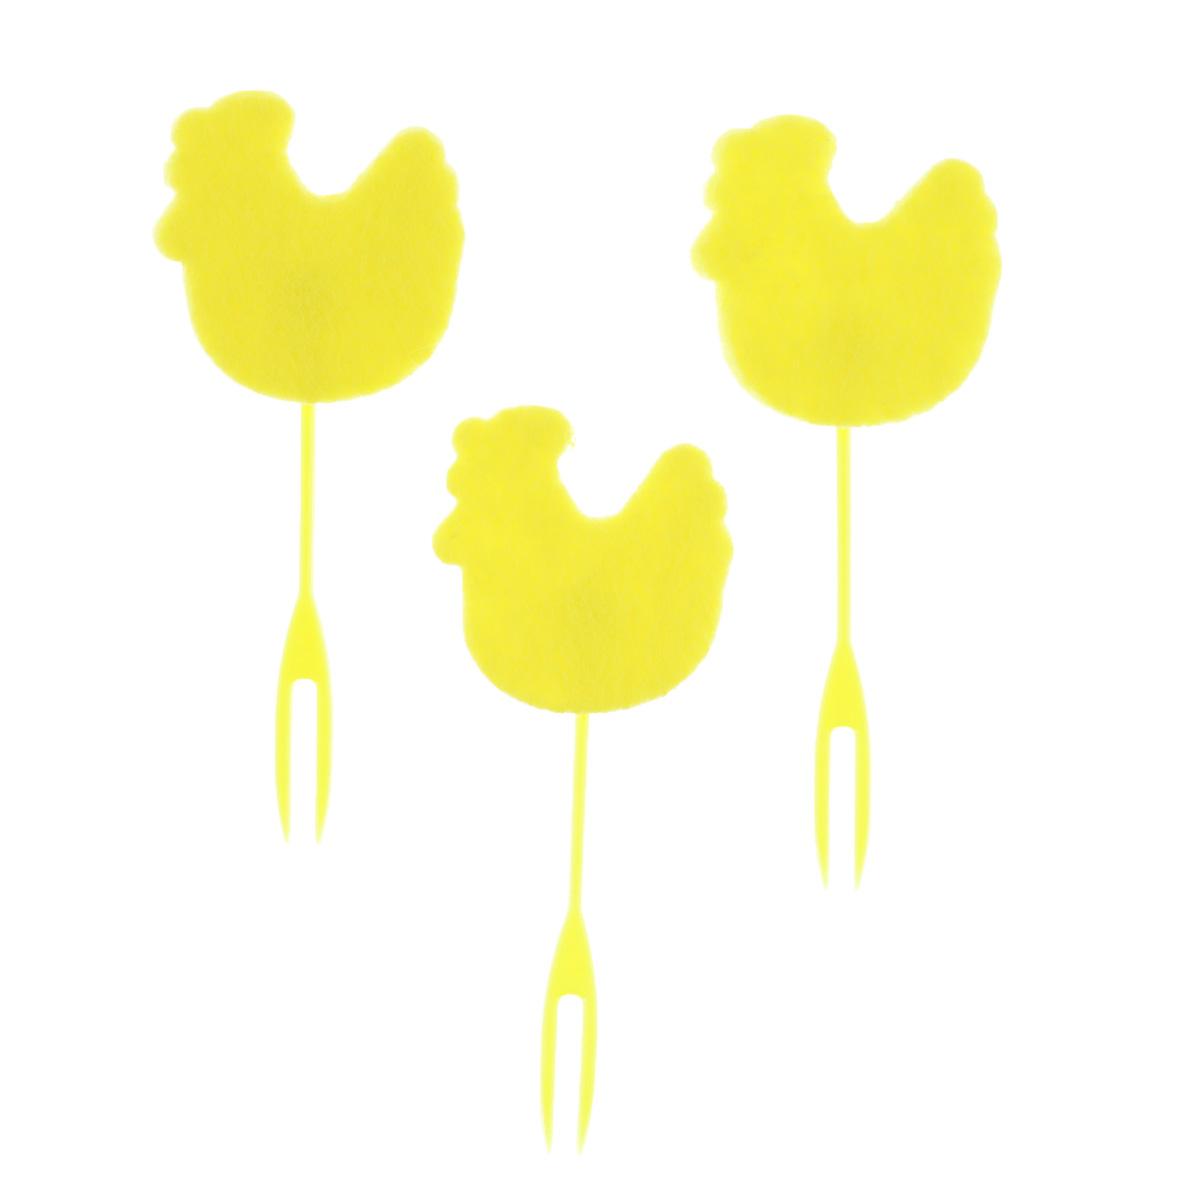 Набор декоративных вилочек Home Queen Курочка для украшения кулича, цвет: желтый, длина 10 см, 3 шт60721_5Набор Home Queen Курочка, изготовленный из пластика и фетра, состоит из трех декоративных вилочек, предназначенных для украшения пасхального кулича. Изделия декорированы фигурками курочек. Такой набор прекрасно дополнит оформление праздничного стола на Пасху. Размер фигурки: 4 см х 4 см.